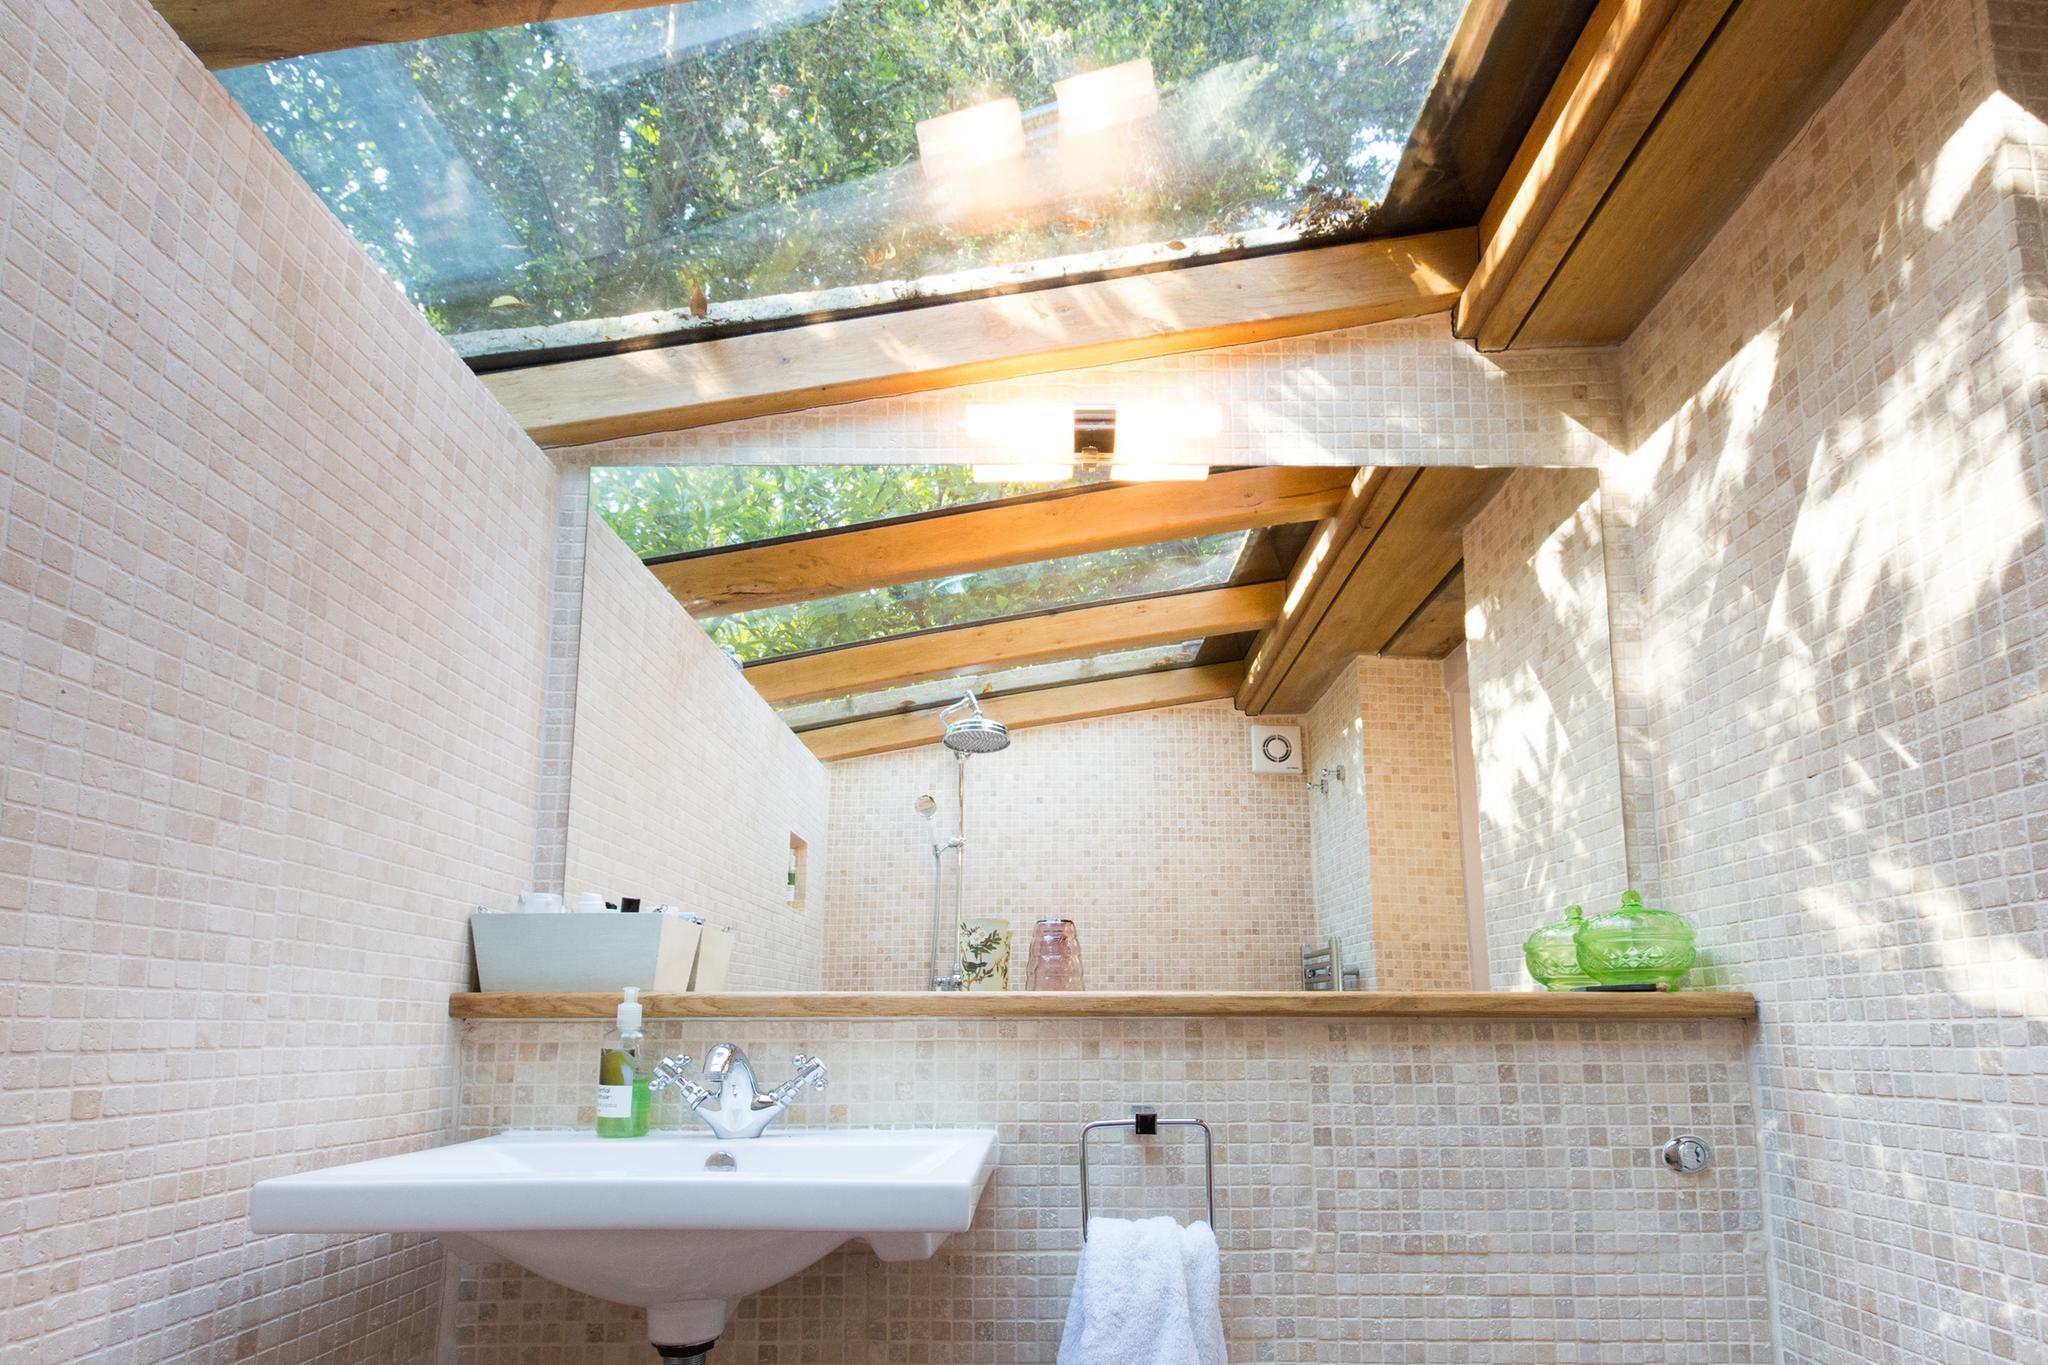 Das i-Tüpfelchen ist das Bad mit gläserner Decke. Ab 87 Euro/Nacht unter www.airbnb.de/rooms/6168679